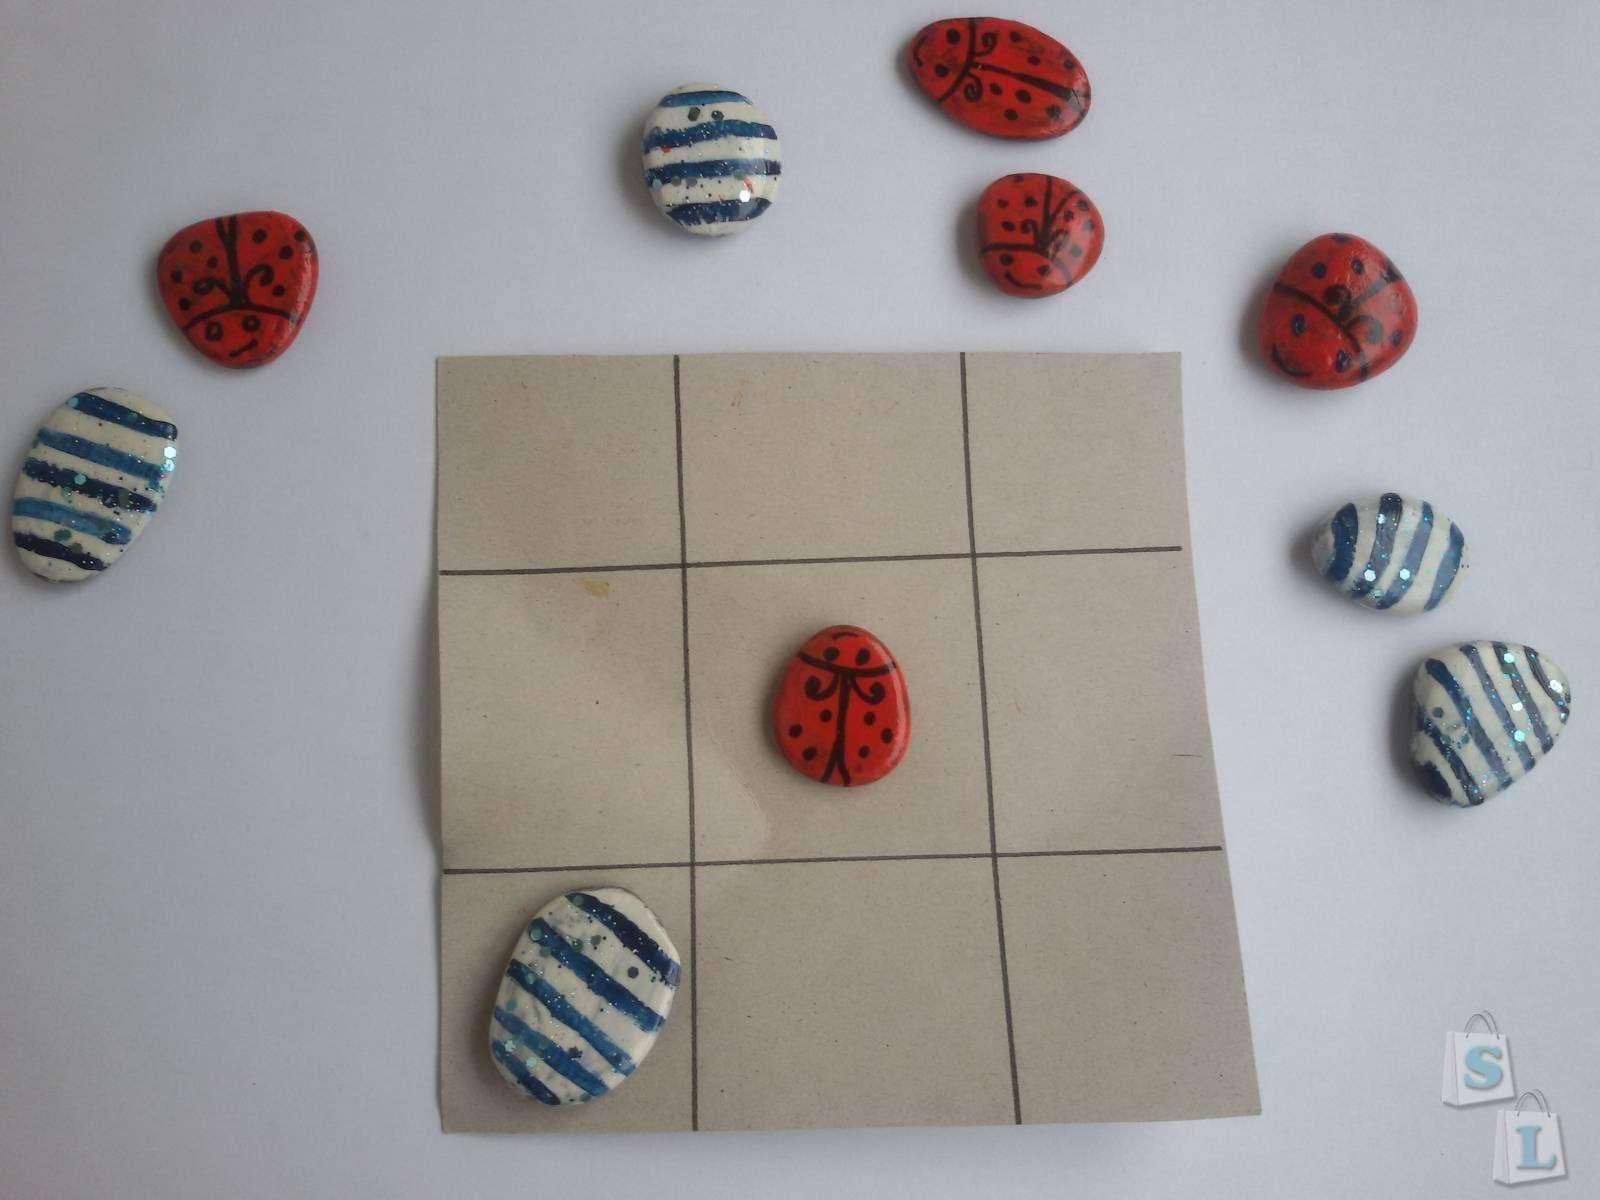 Другие - Украина: Обзор самодельной настольной игры крестики -нолики